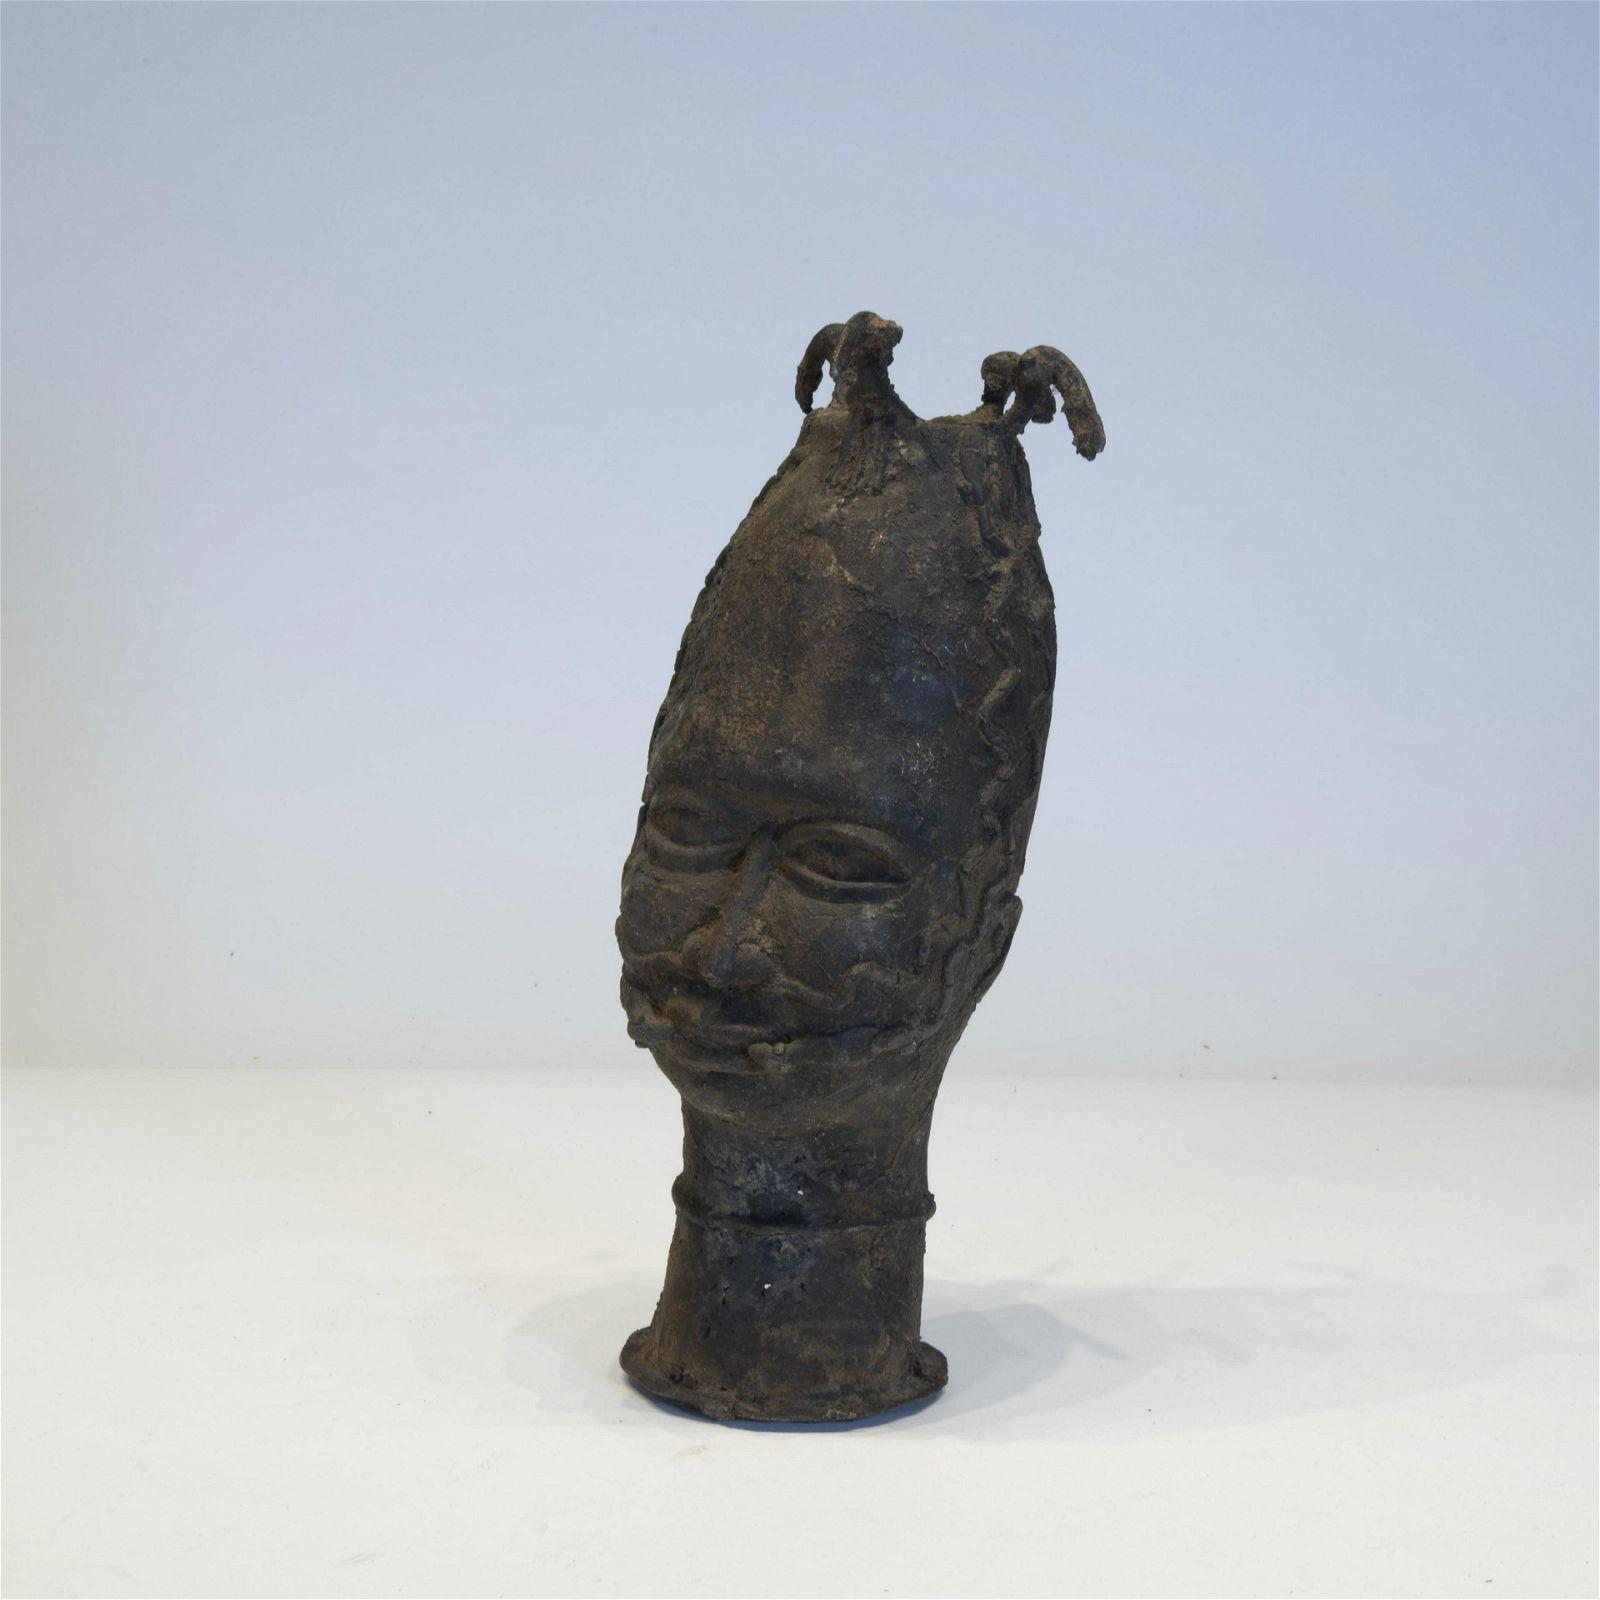 Benin Bronze Head of a Man, African Art